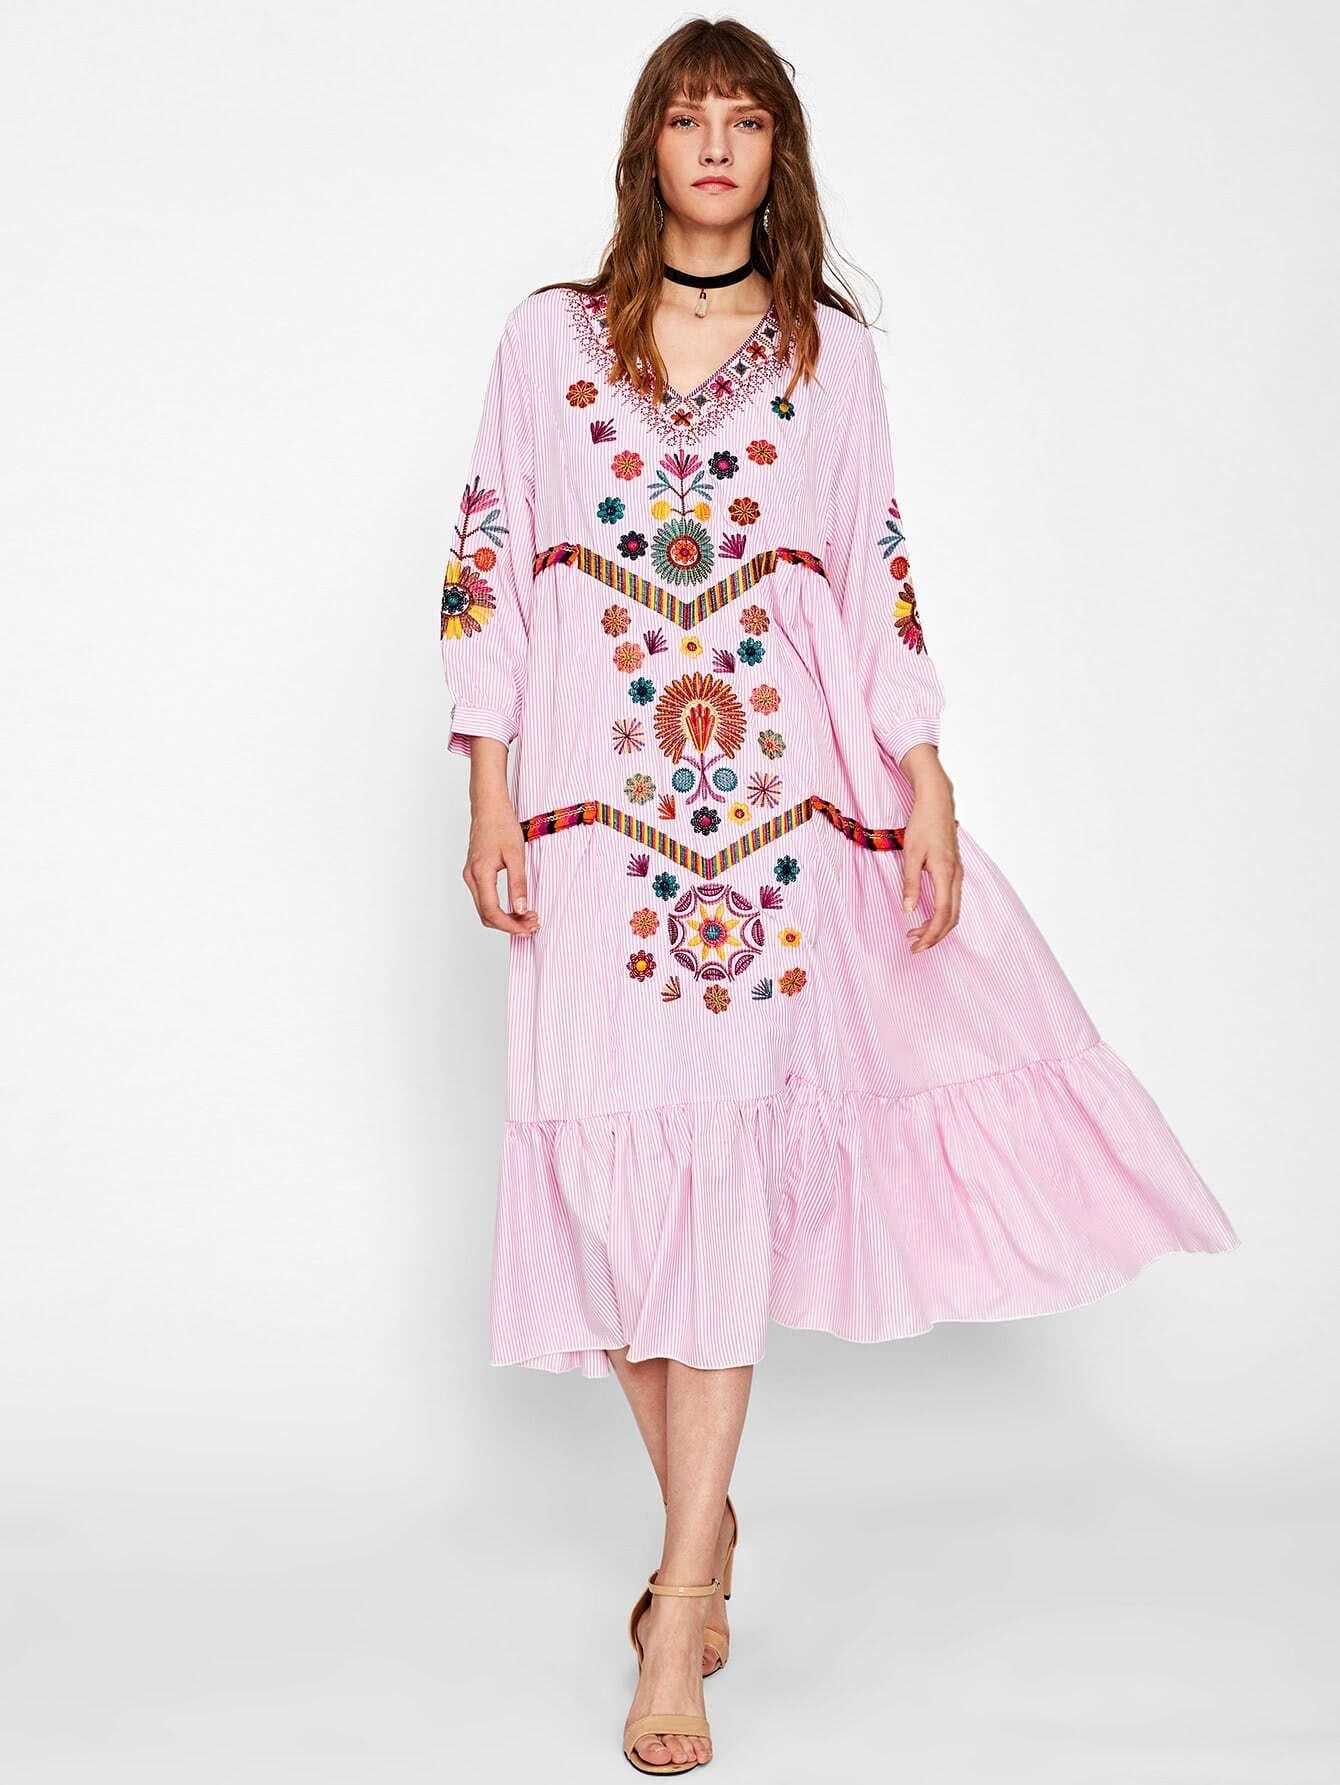 Contrast Fringe Trim Embroidered Frill Hem Vertical Striped Dress dress170904001